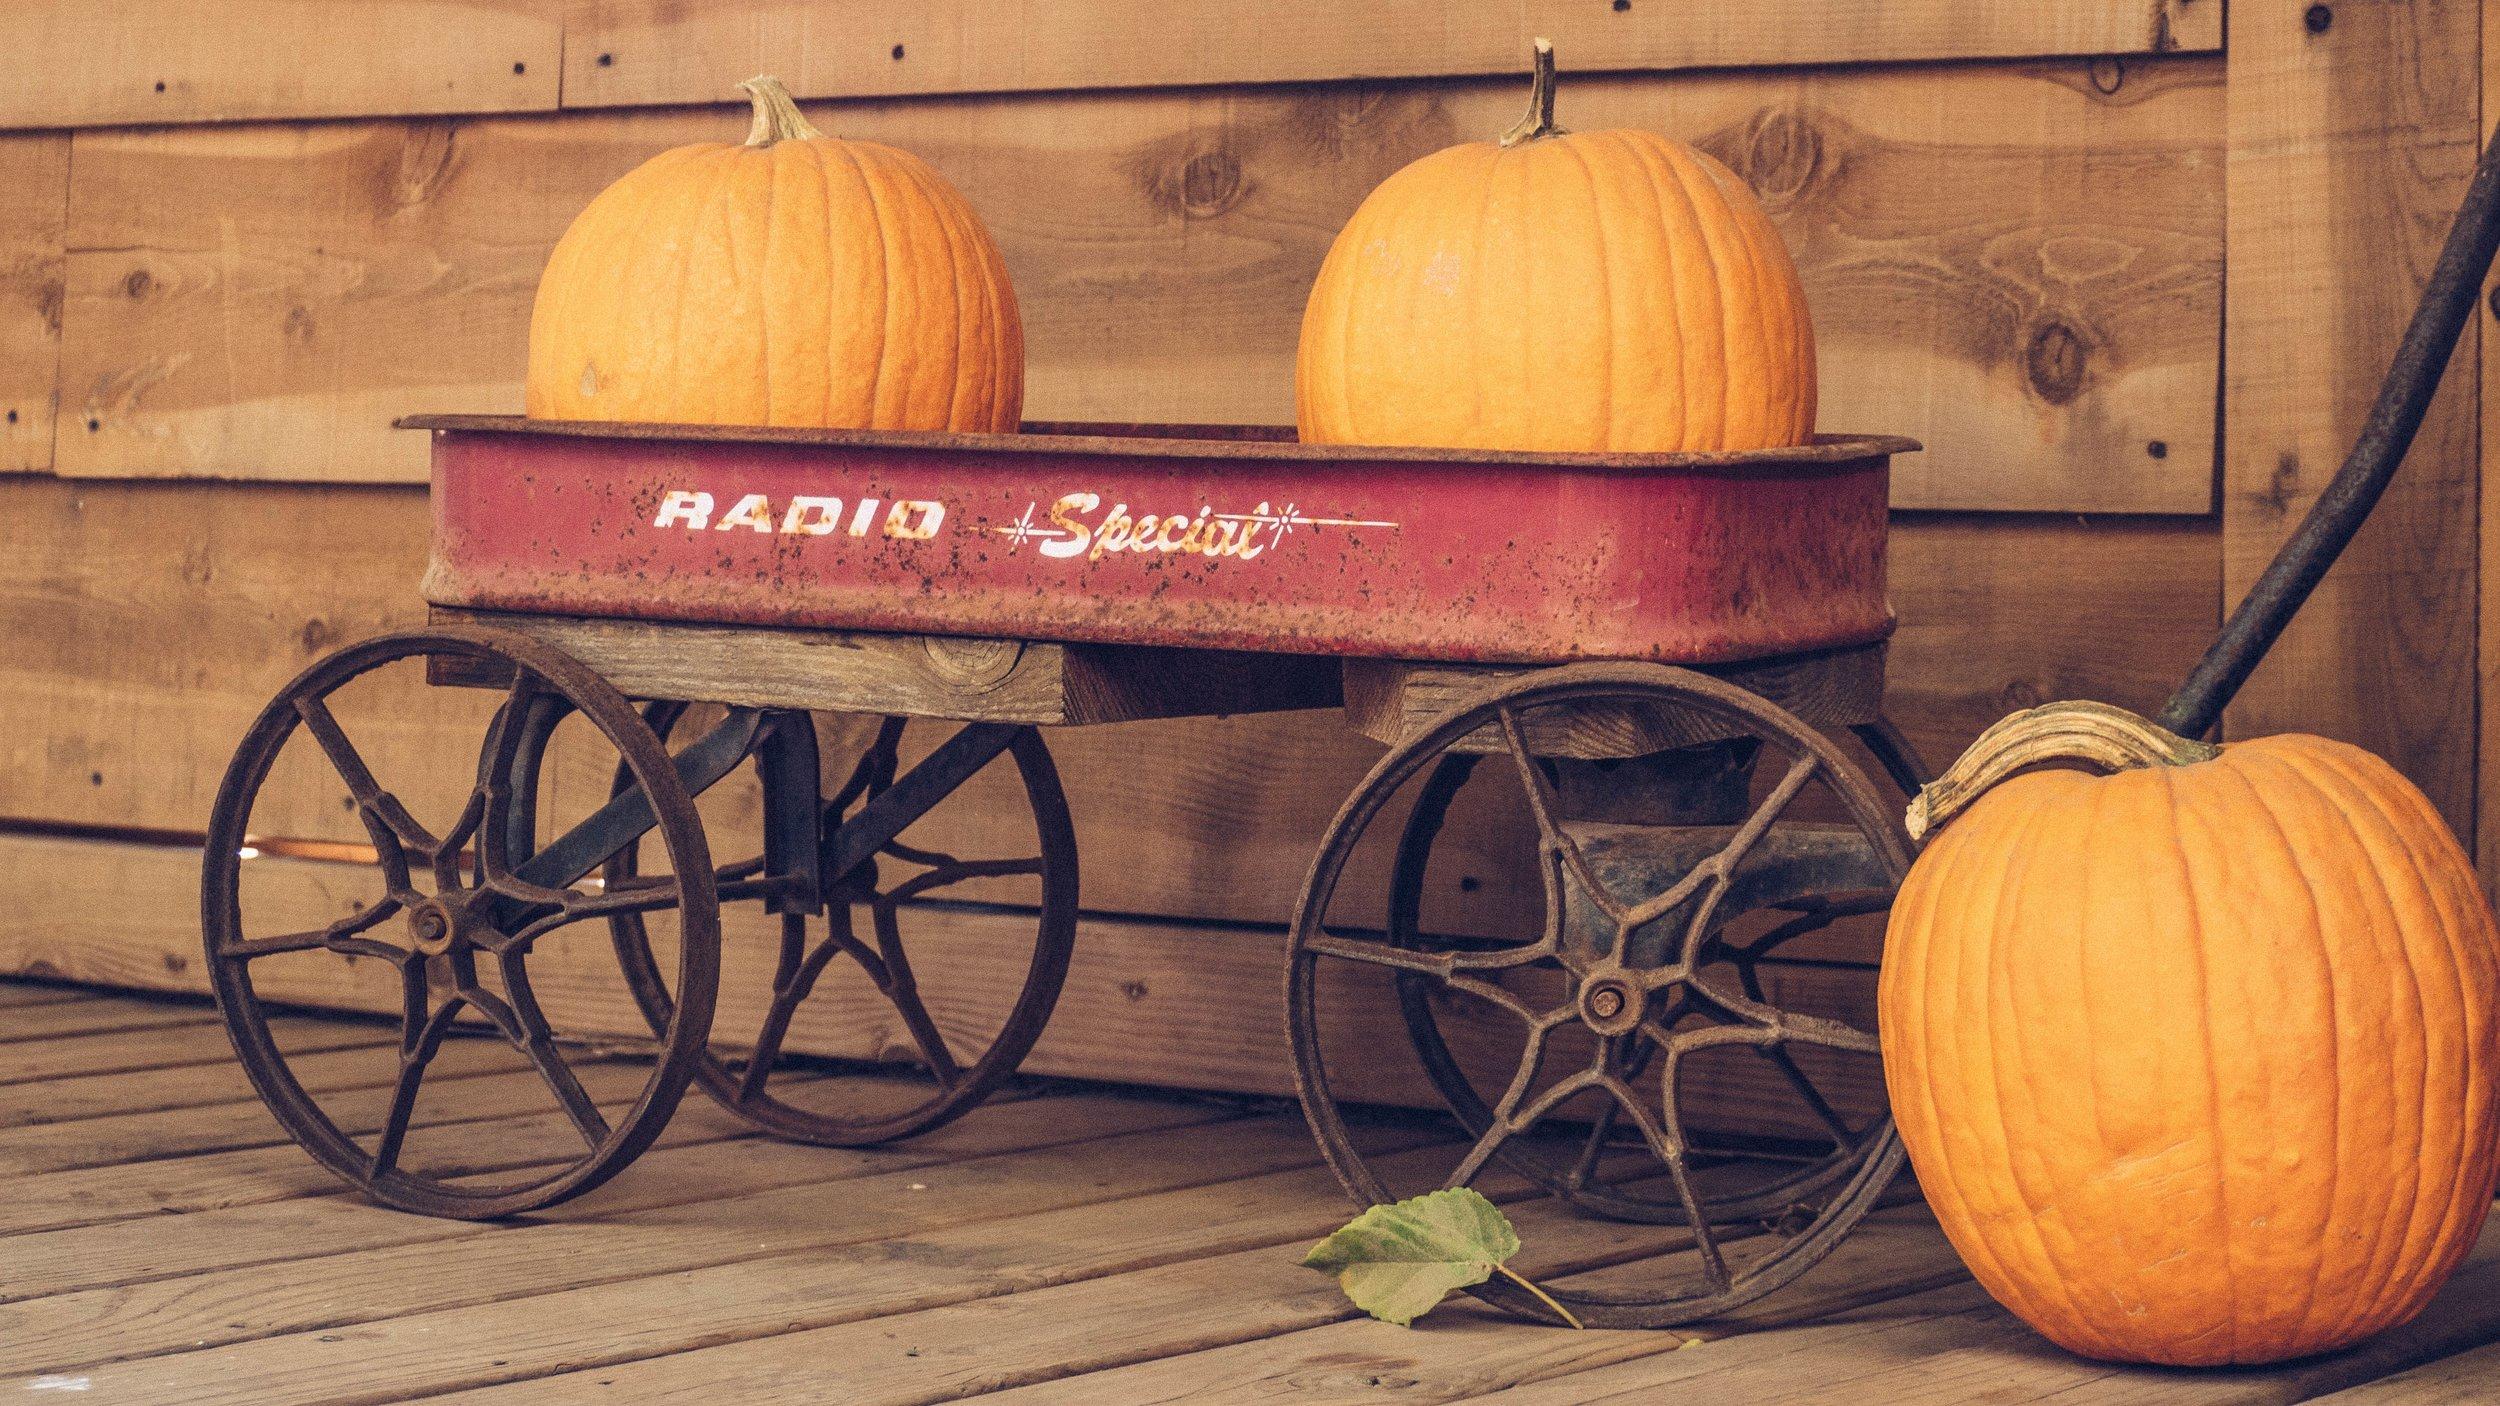 Photo courtesy of  unsplash.com